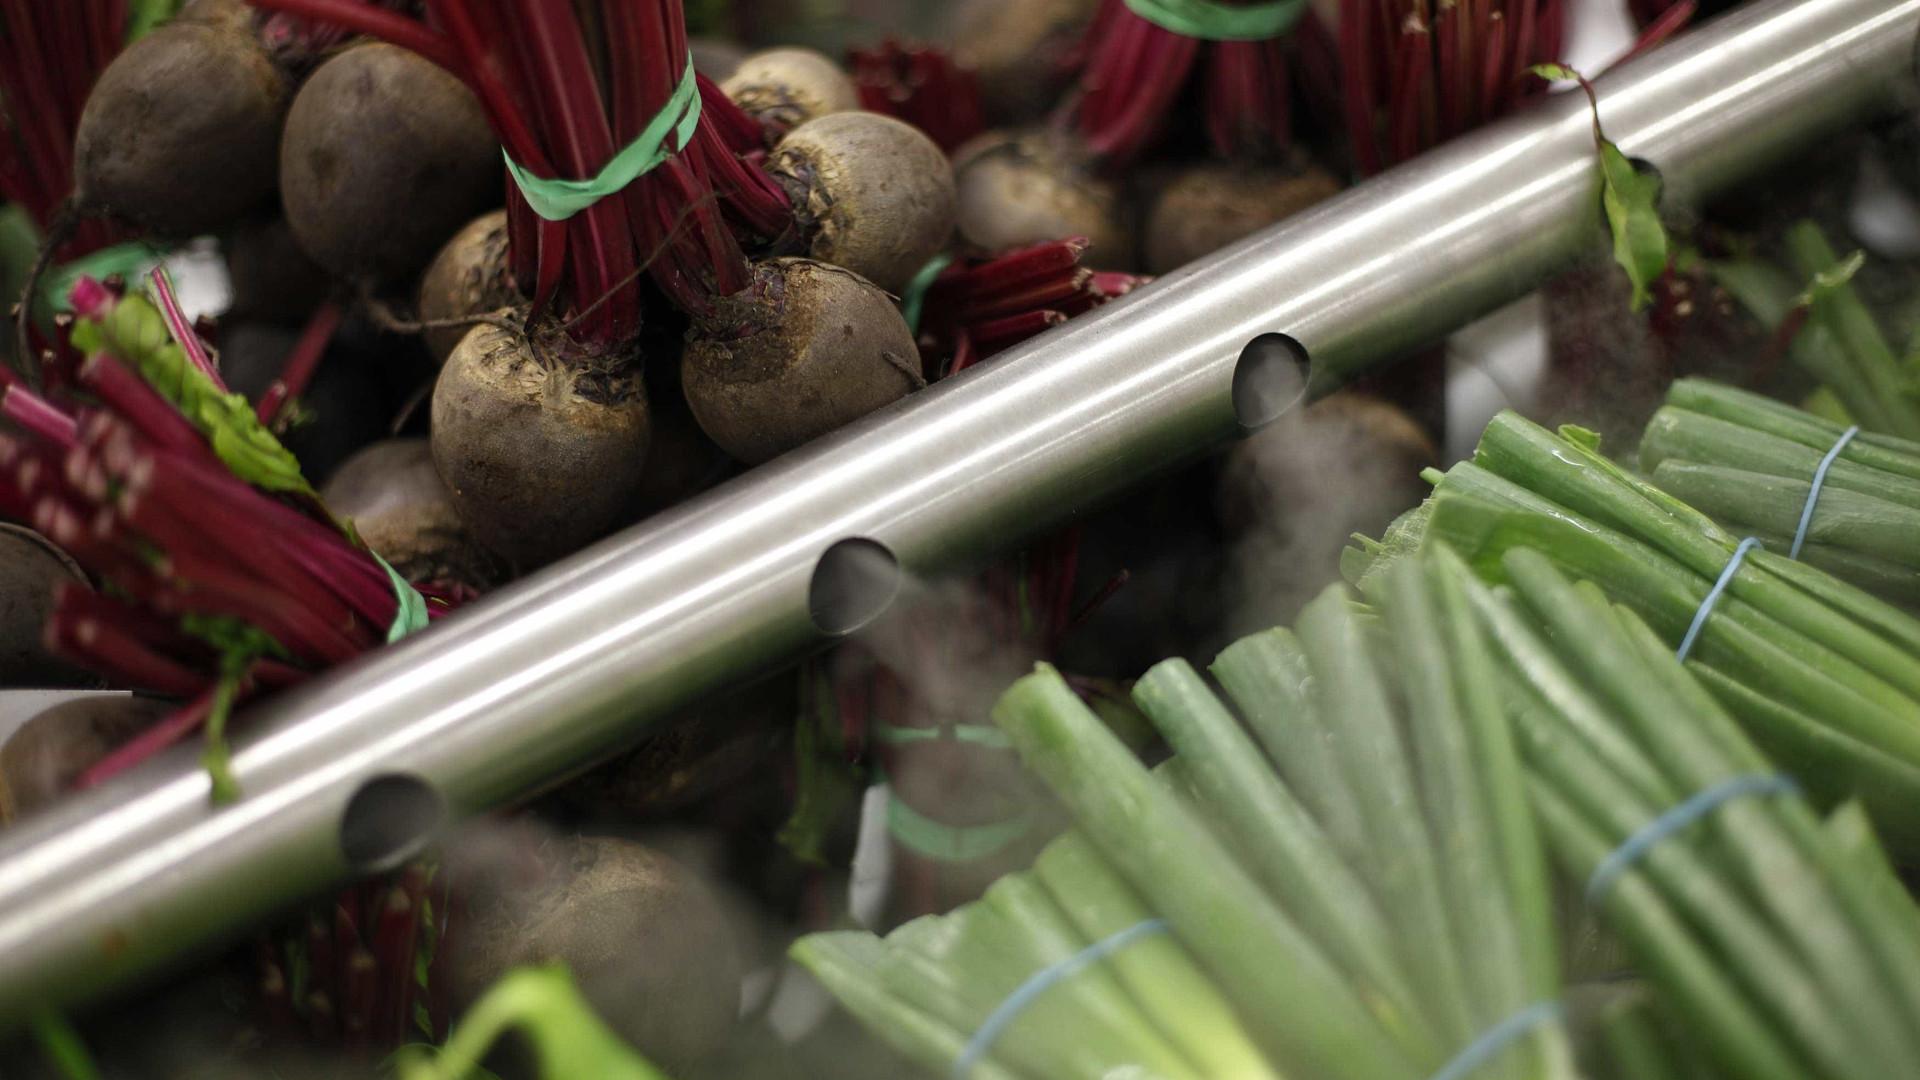 Verduras e legumes mais caros aumentam custo de vida